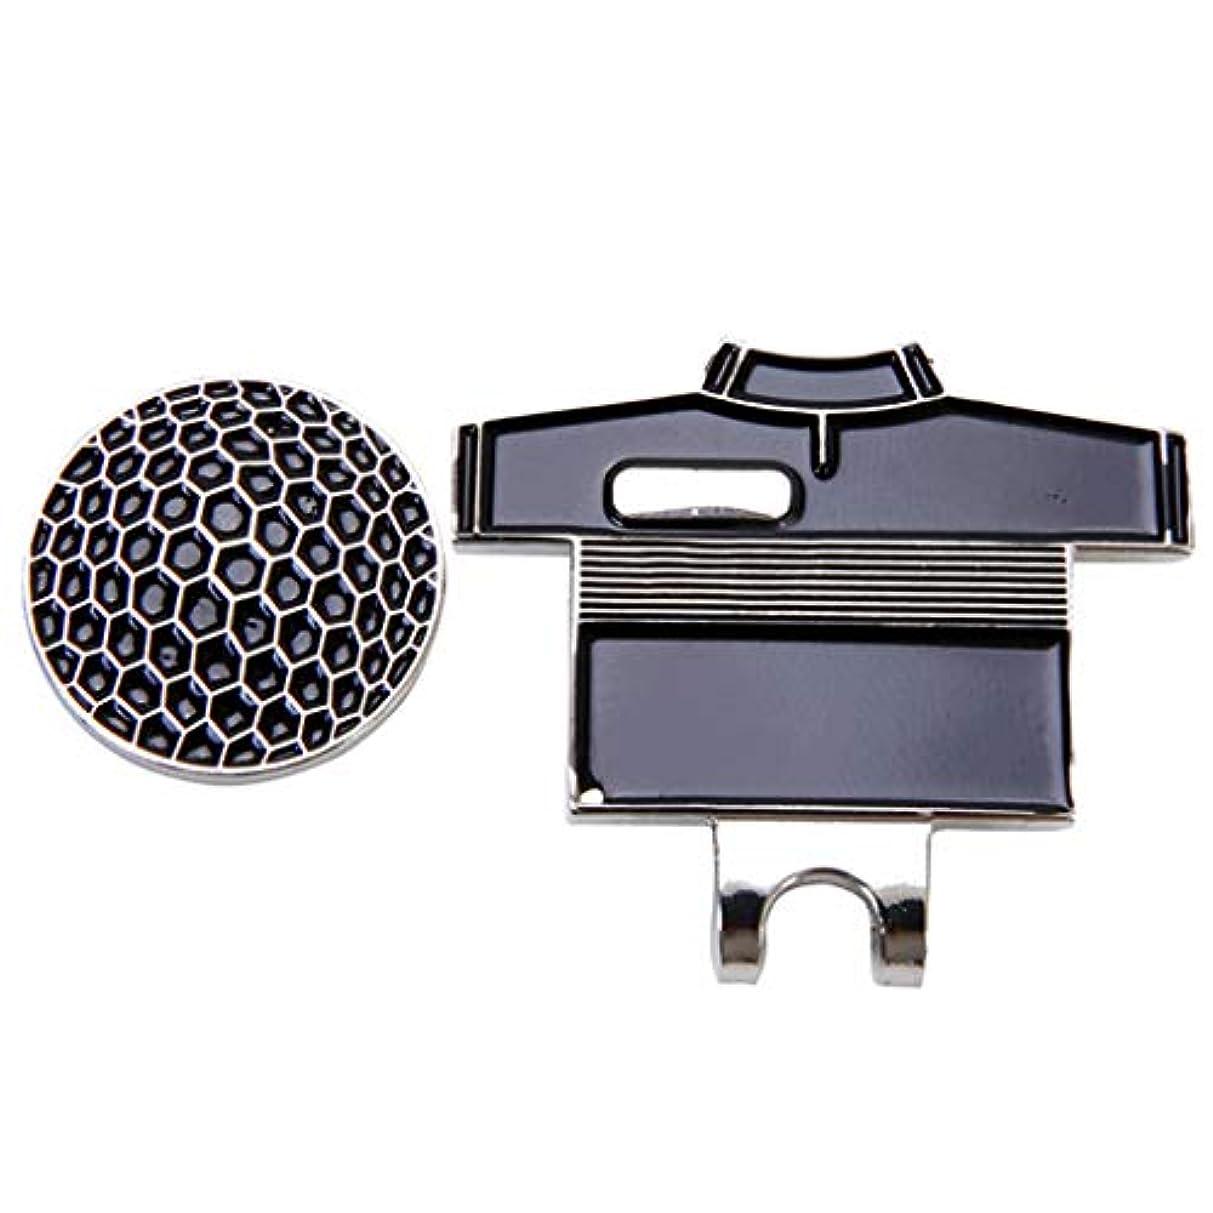 老朽化した本会議ラテンPerfeclan ゴルフシャツデザイン便携小物 ハットクリップ 磁気ボールマーカー ゴルフ用品 帽子飾り全5色